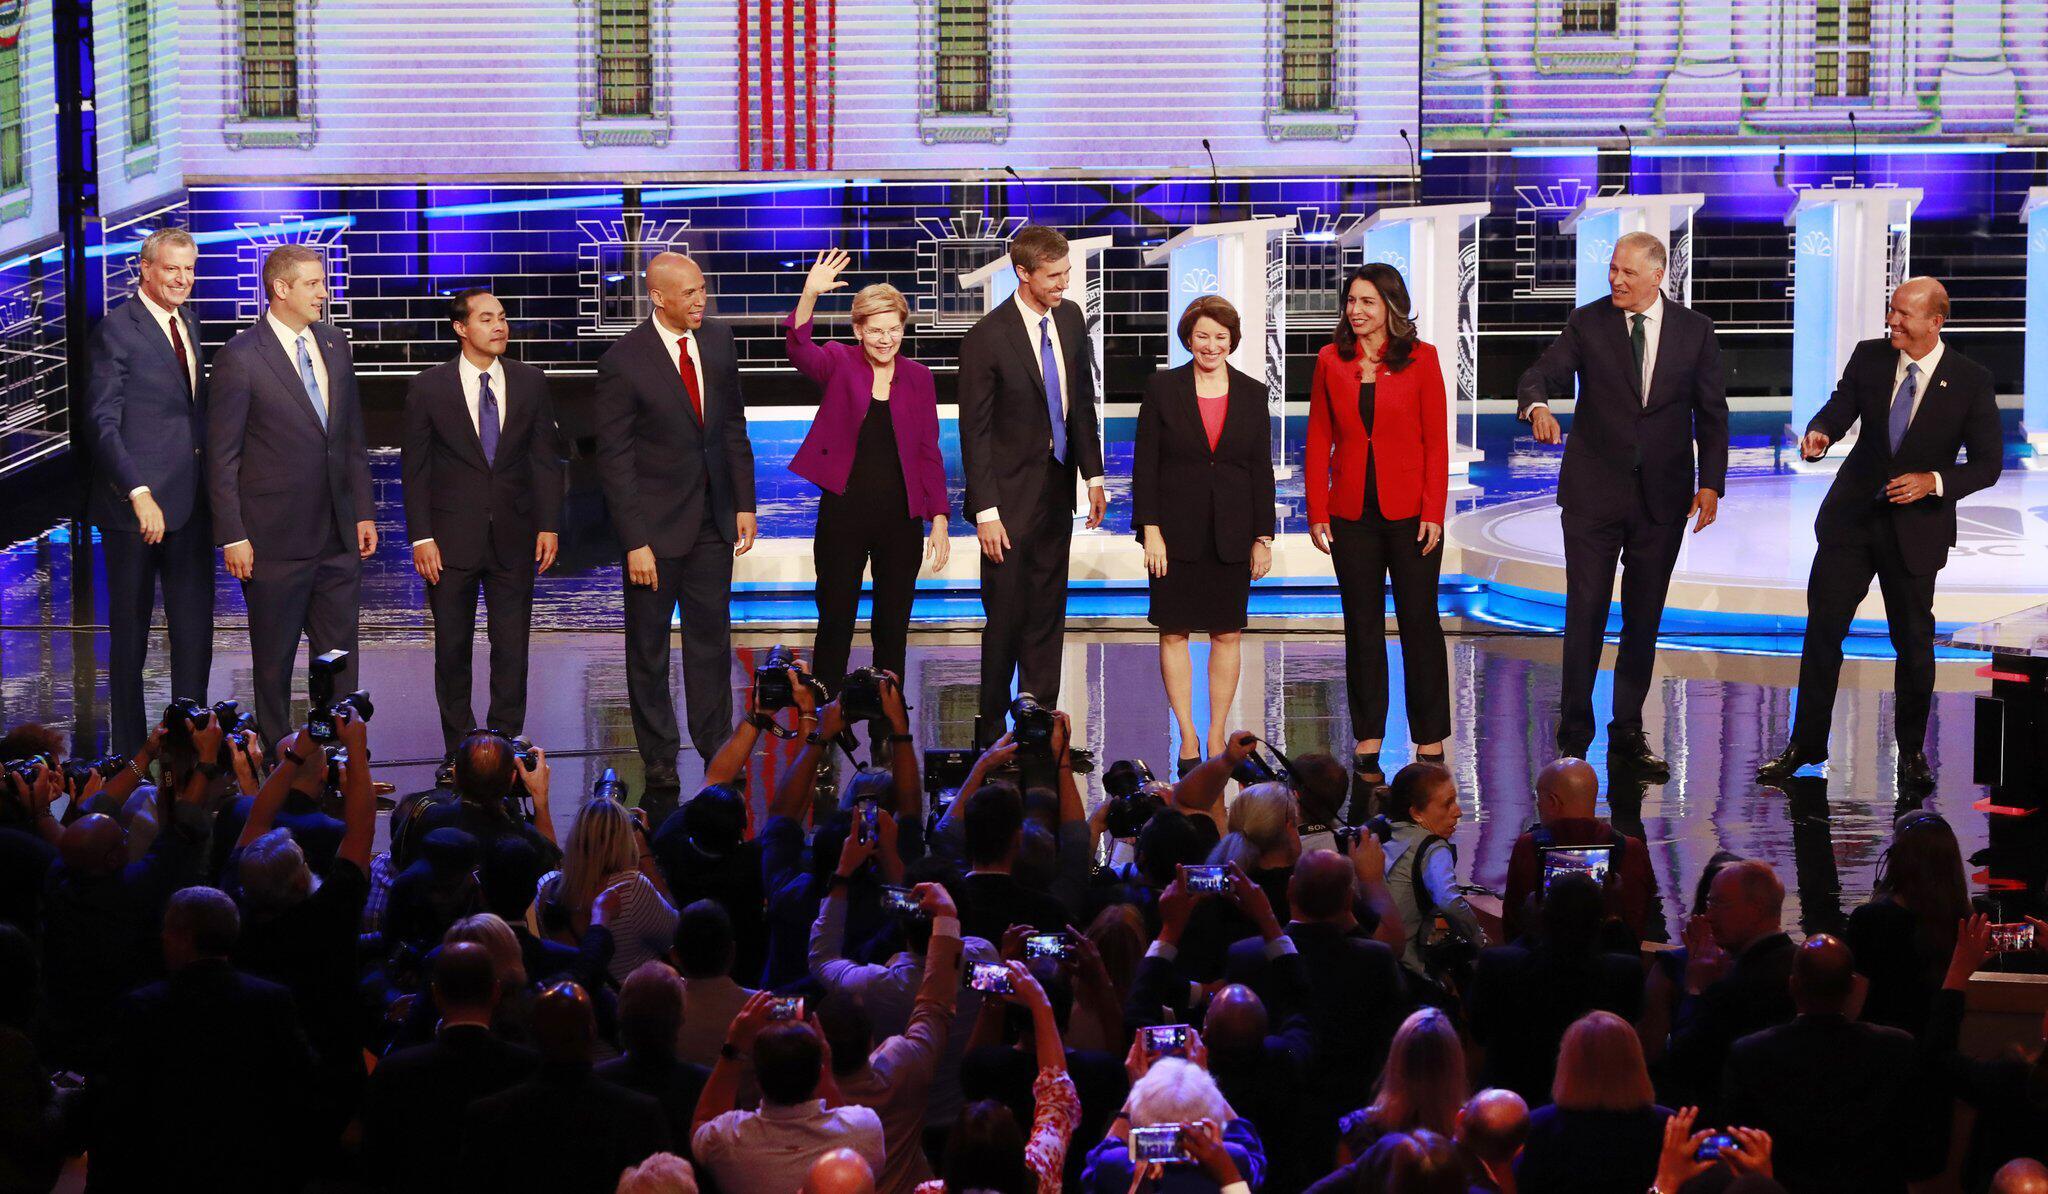 Bild zu Wahlkampf in den USA - TV-Debatte der Demokraten